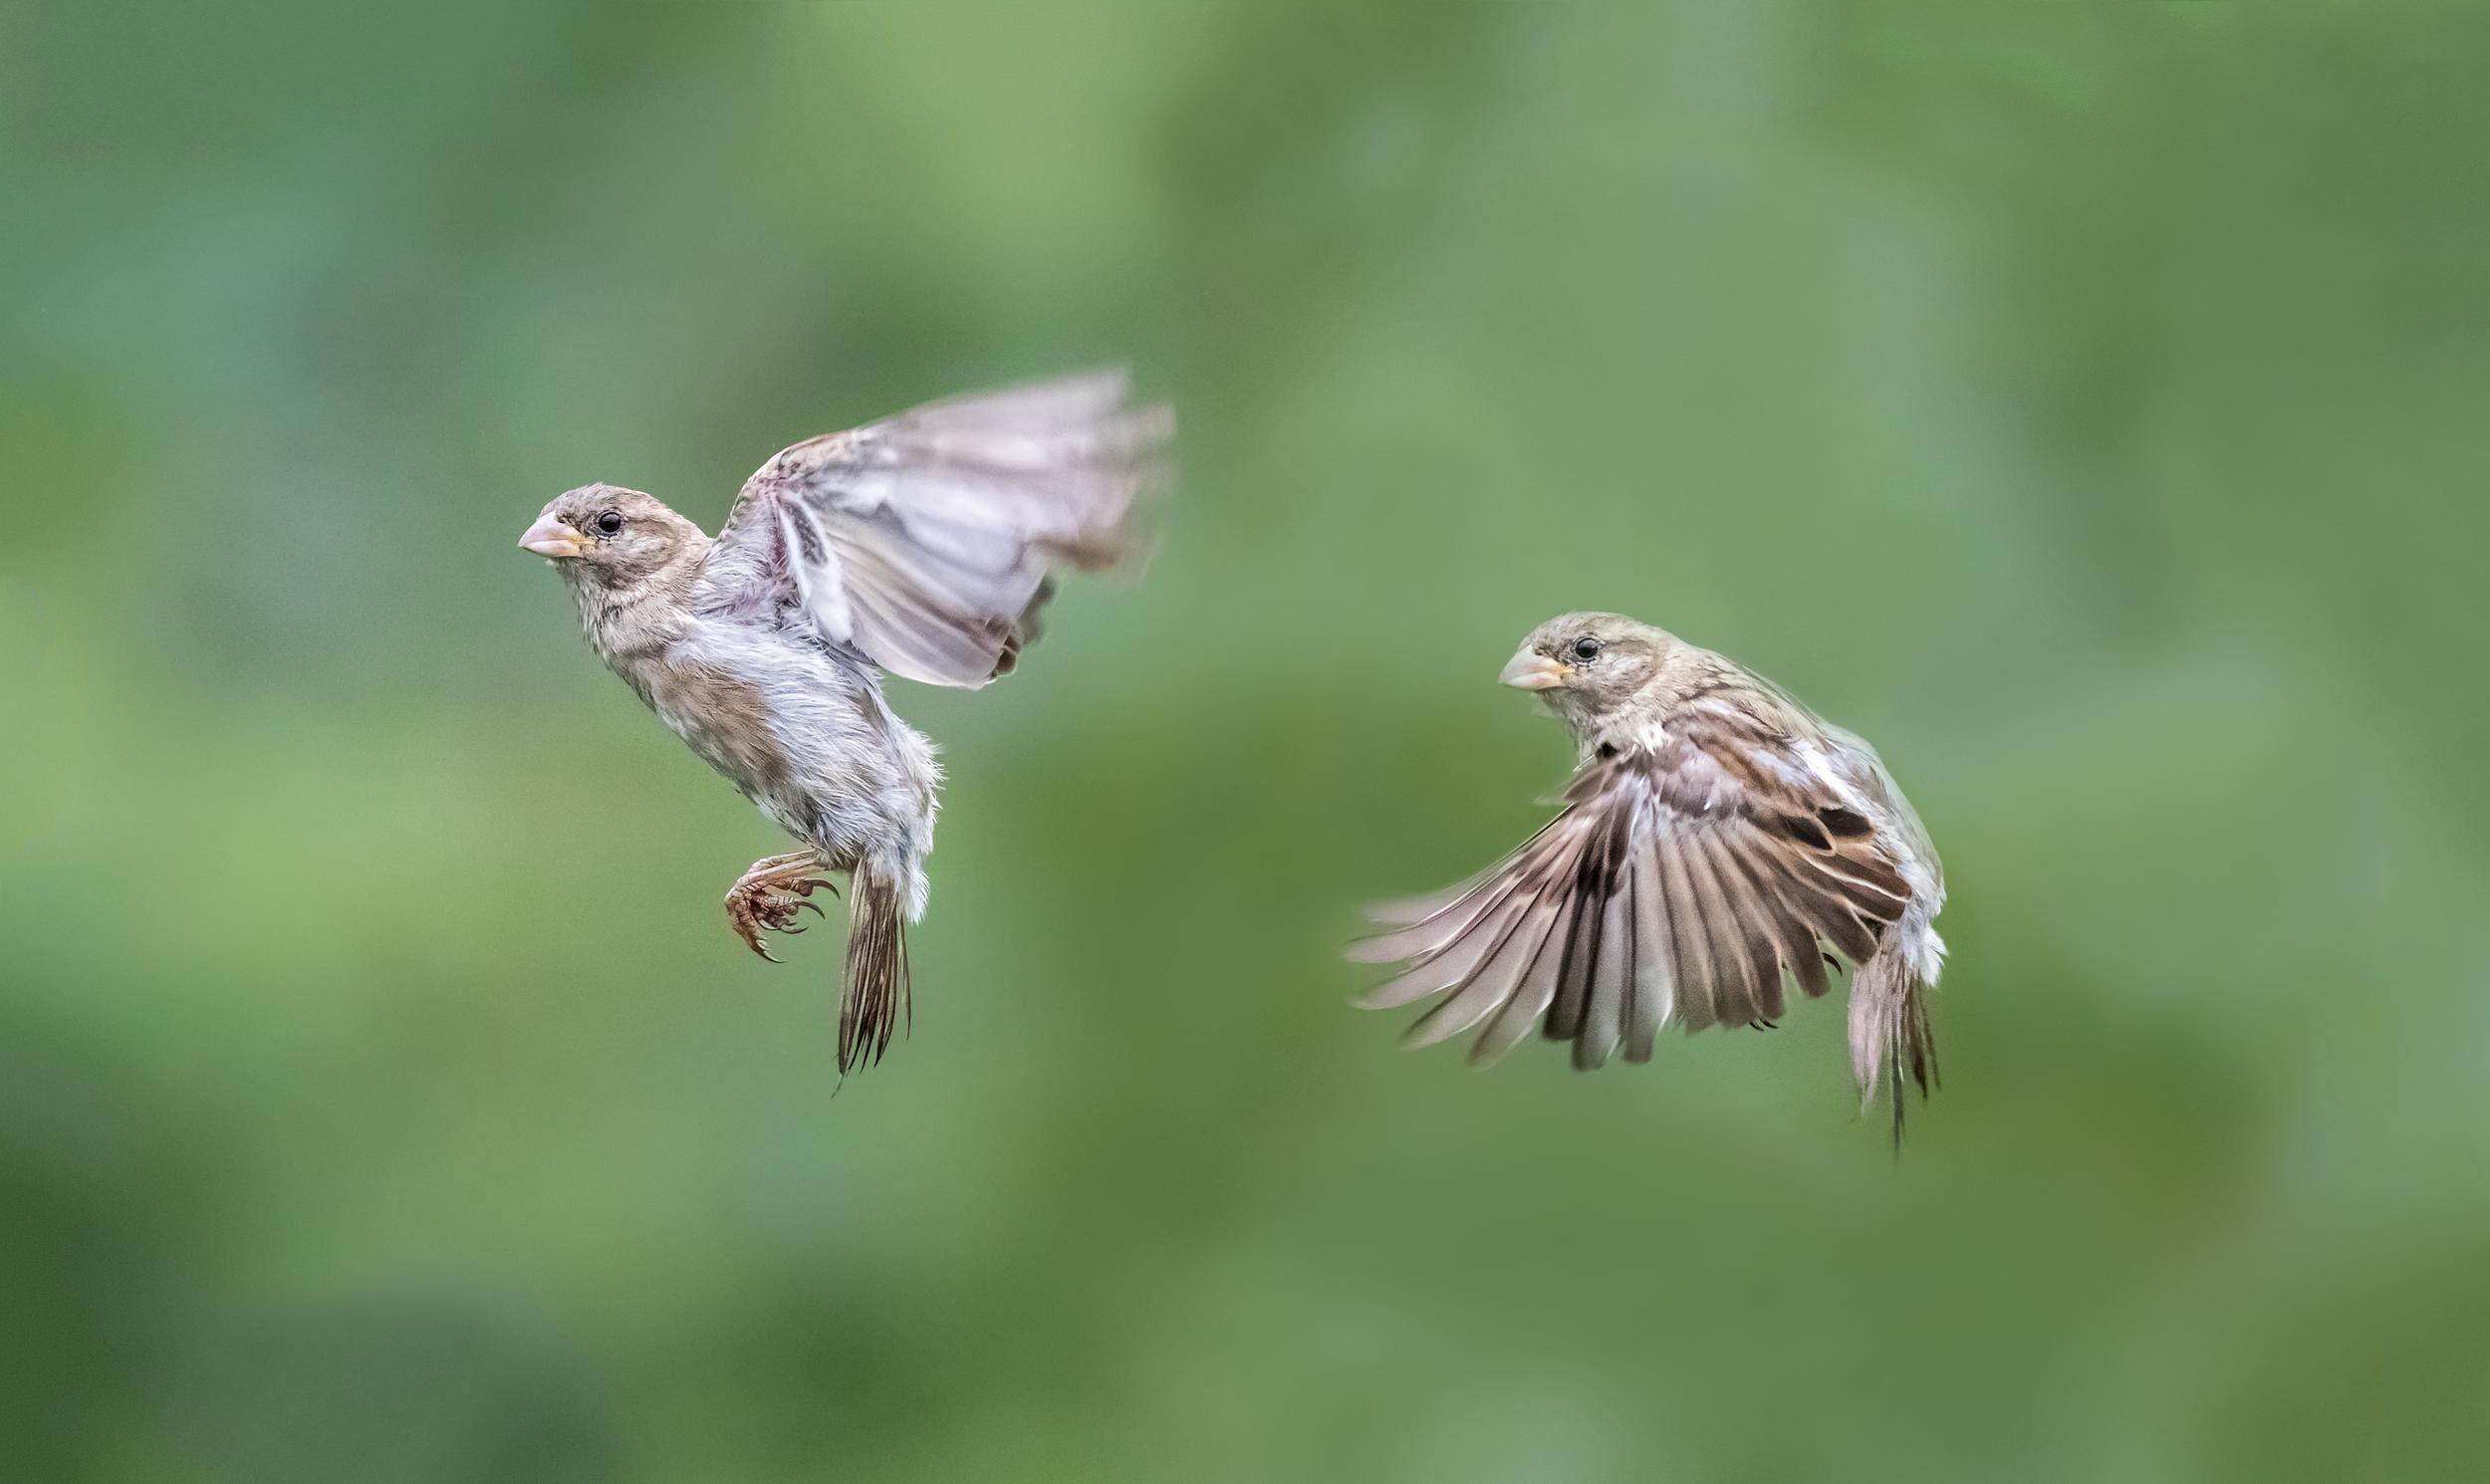 Sparrow flight